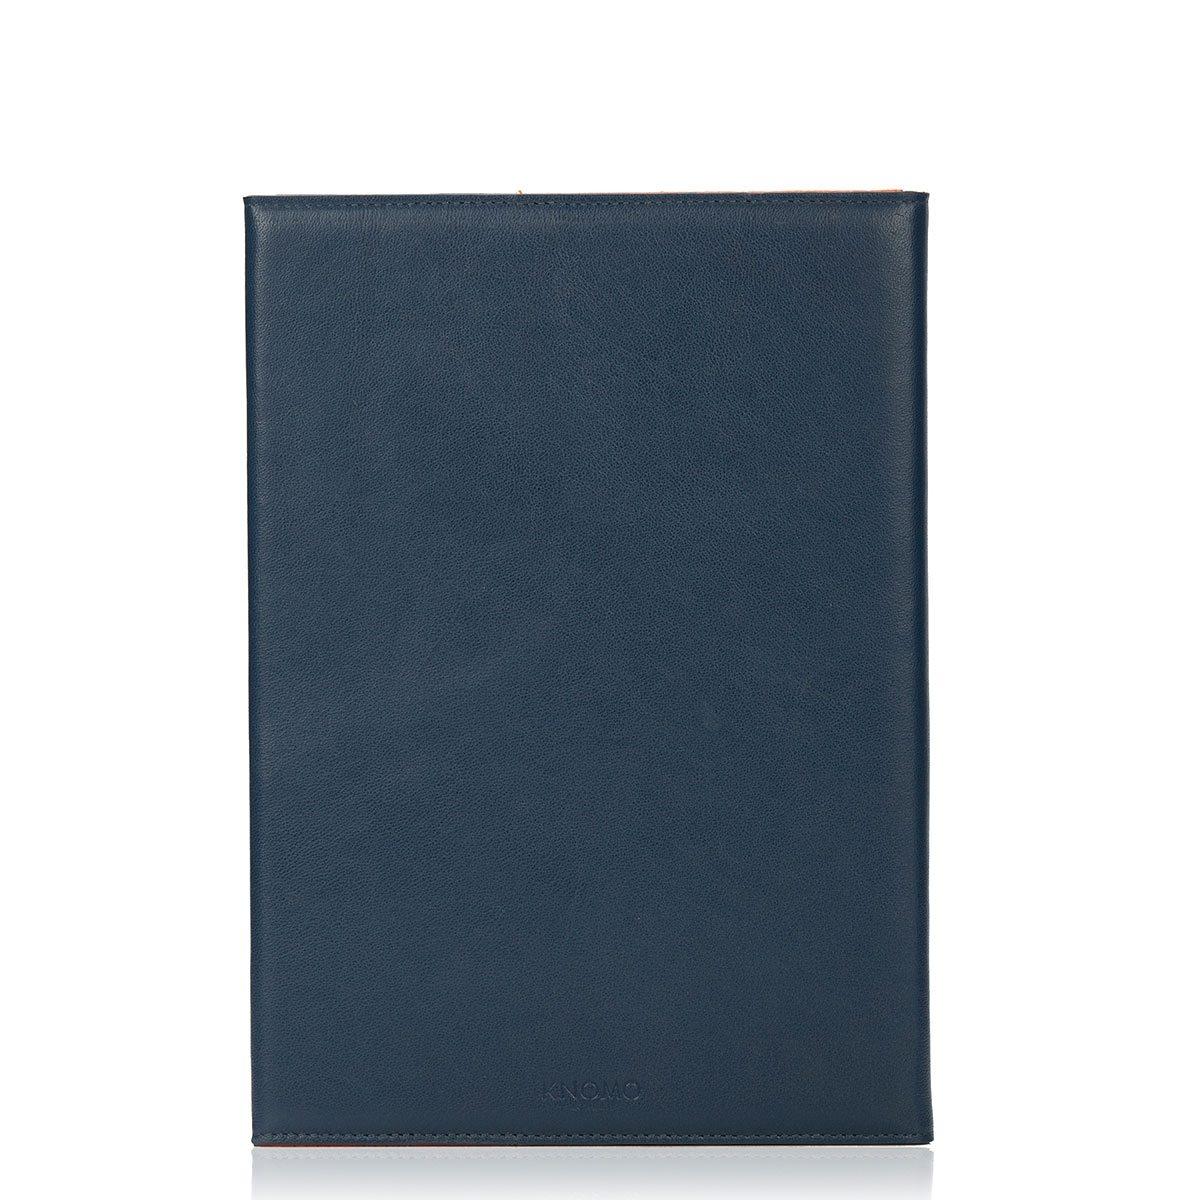 Knomo Foliocase aus Leder für iPad Air 2 mit Drehgelenk »Premium Leather Folio«